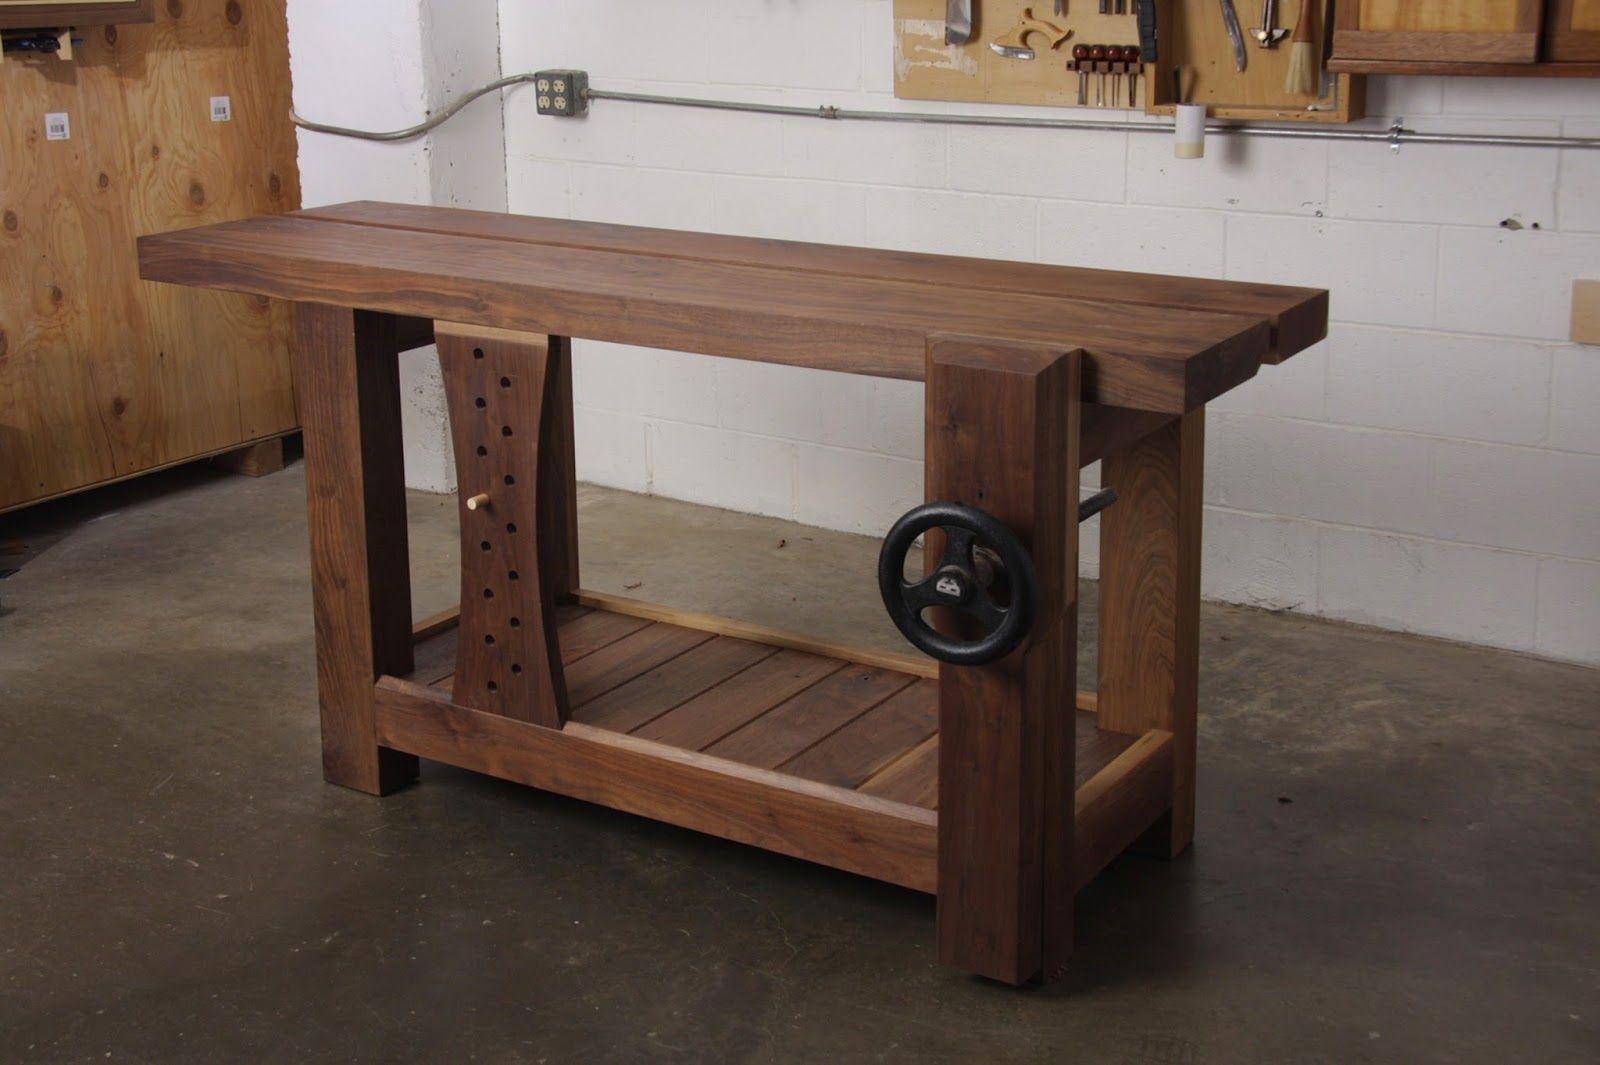 Tavolo Da Lavoro Roubo : Pin di arek szpakowski su workbench tavoli da lavoro